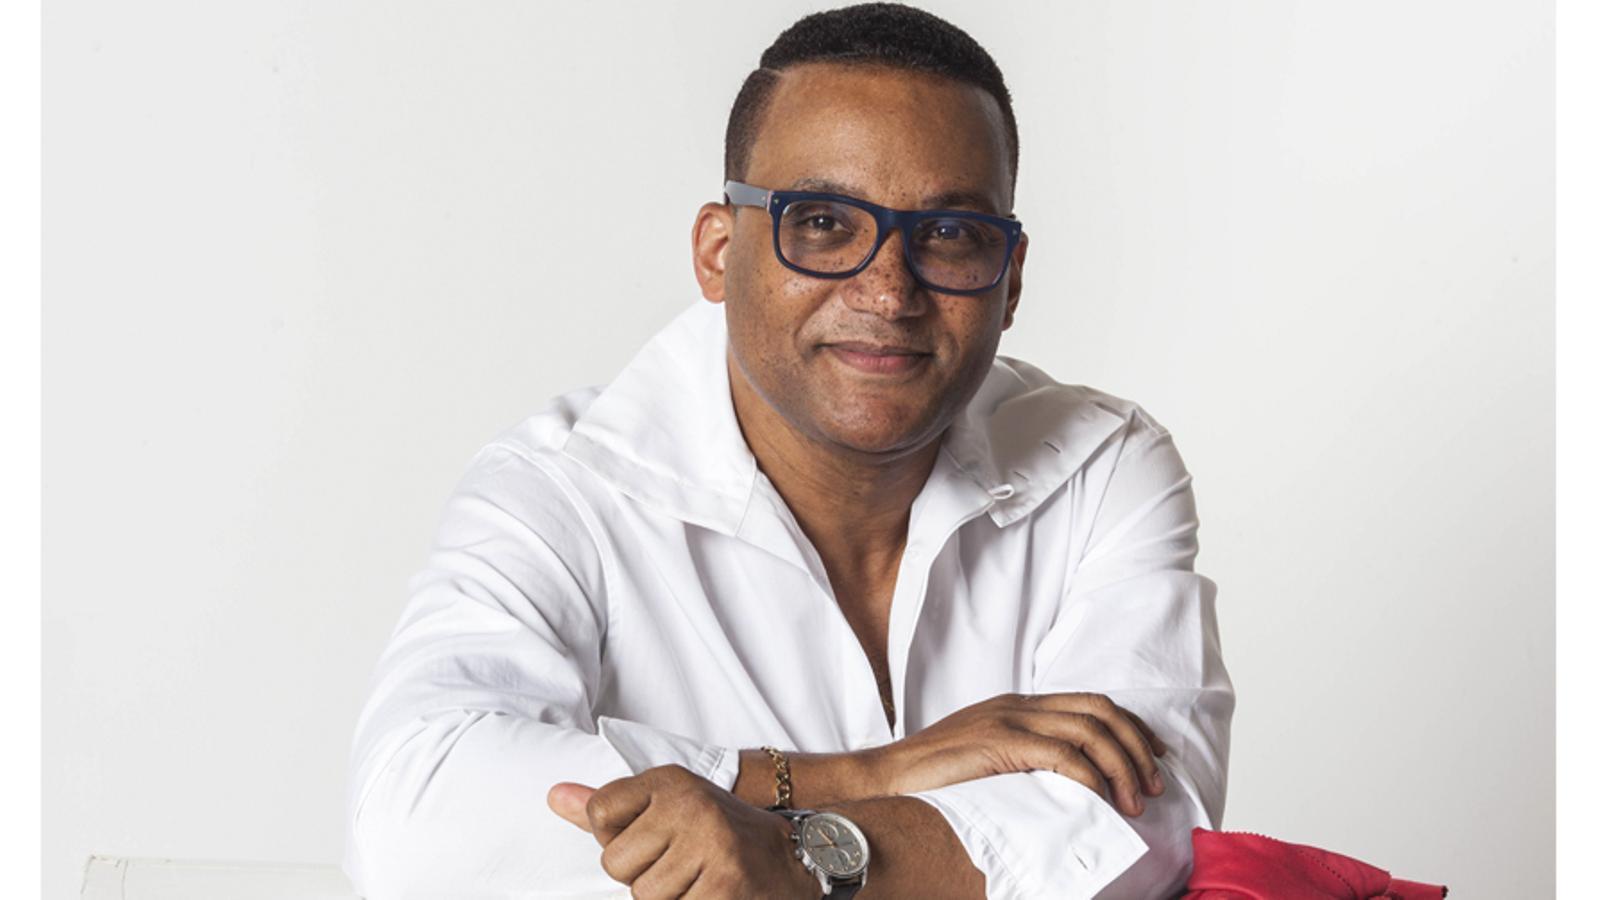 Gonzalo Rubalcaba actuarà el 26 d'abril al Teatre Principal de Maó